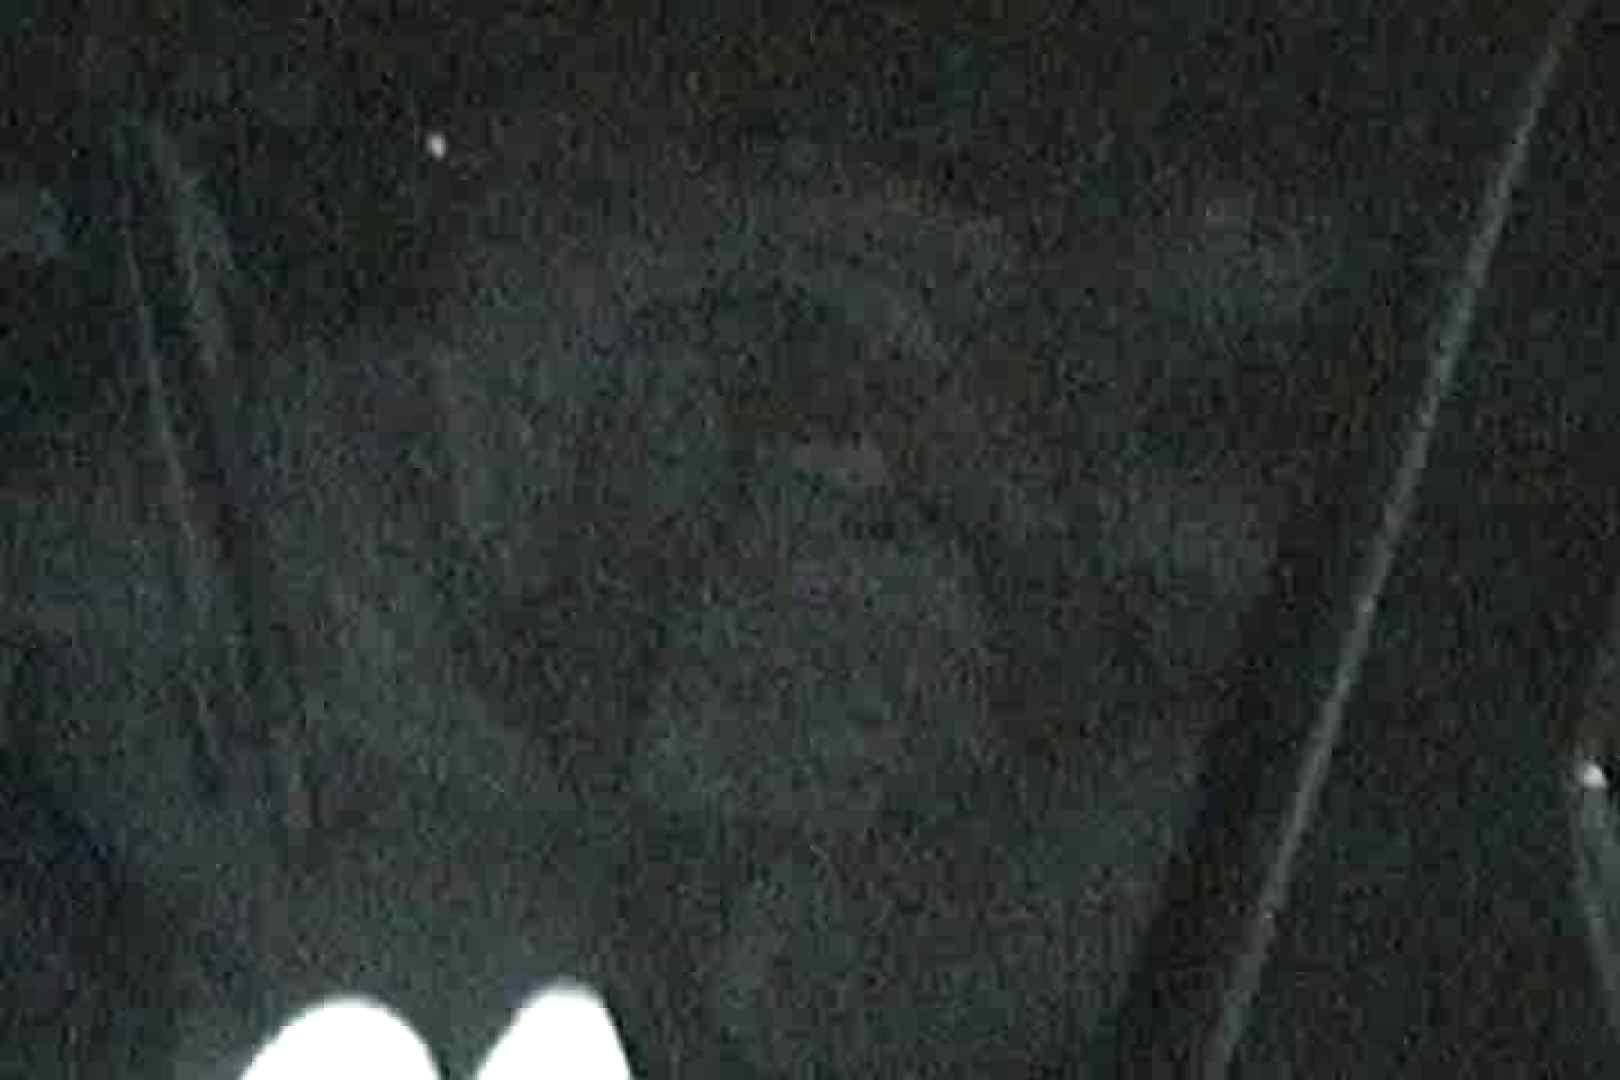 充血監督の深夜の運動会Vol.11 OL女体 オメコ動画キャプチャ 102連発 46